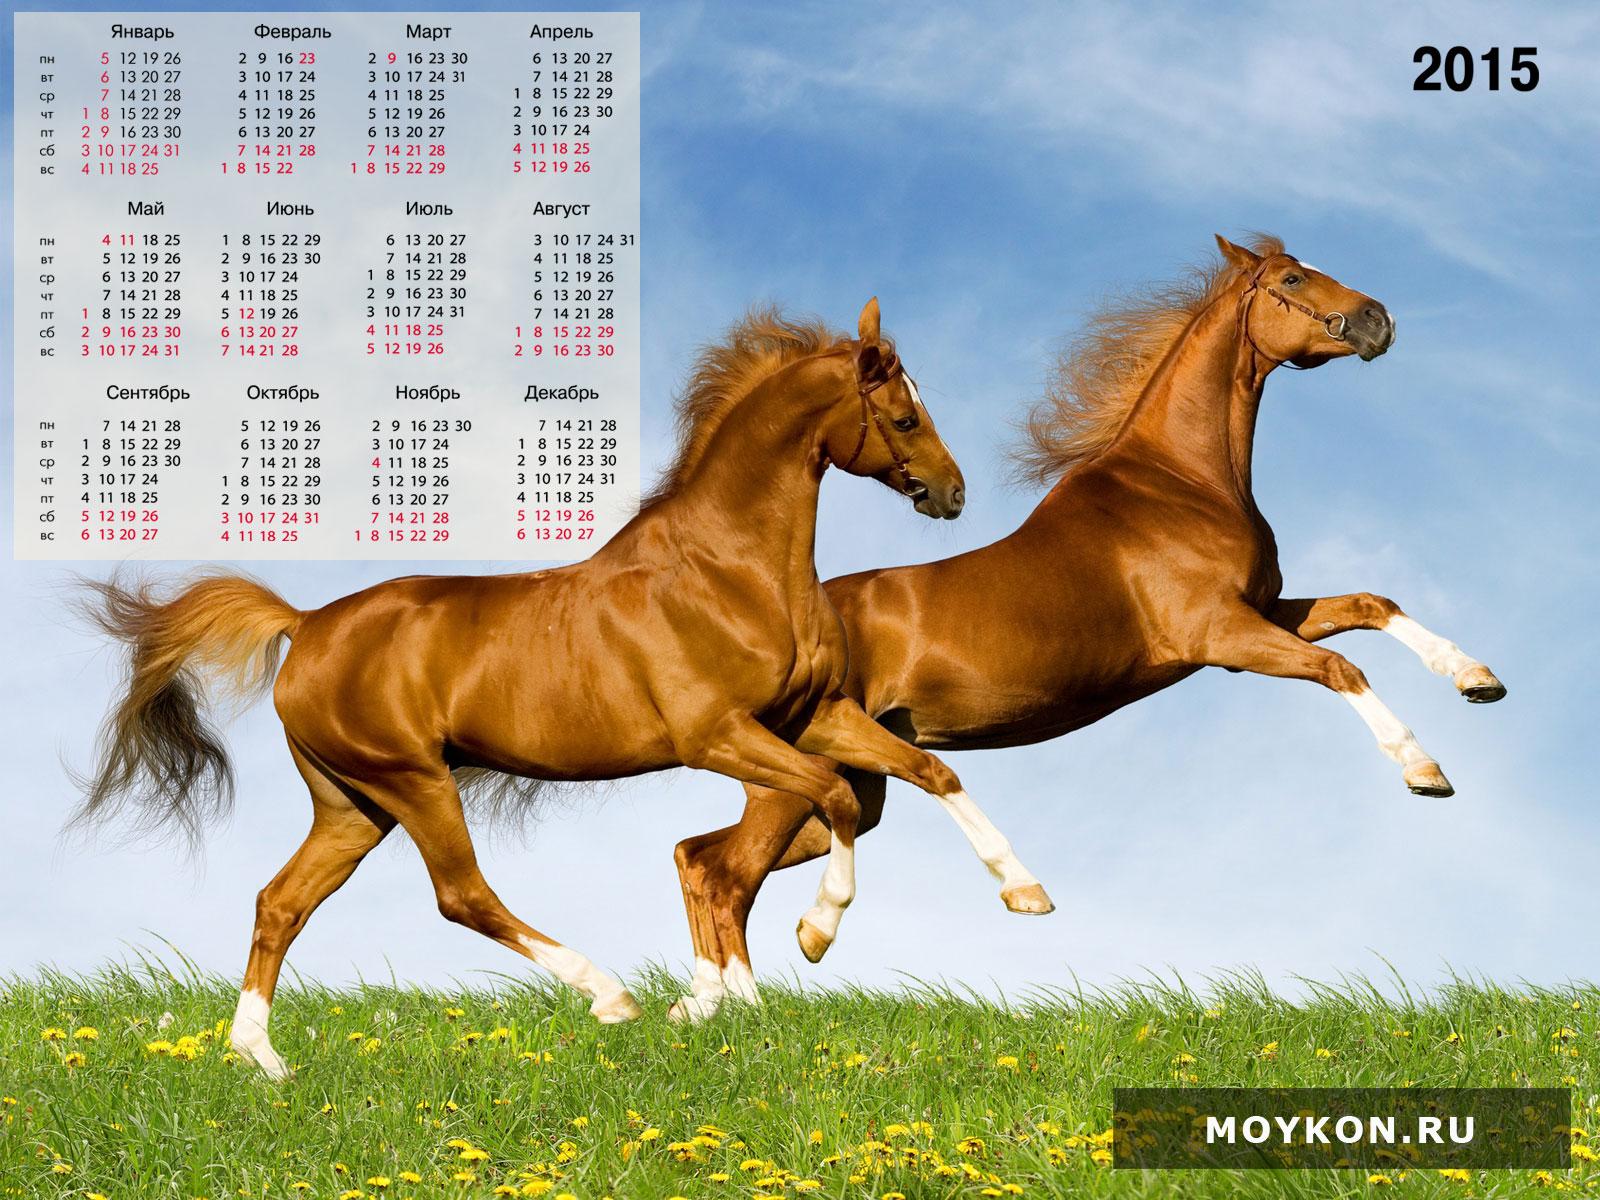 Календари с лошадьми на 2015 год